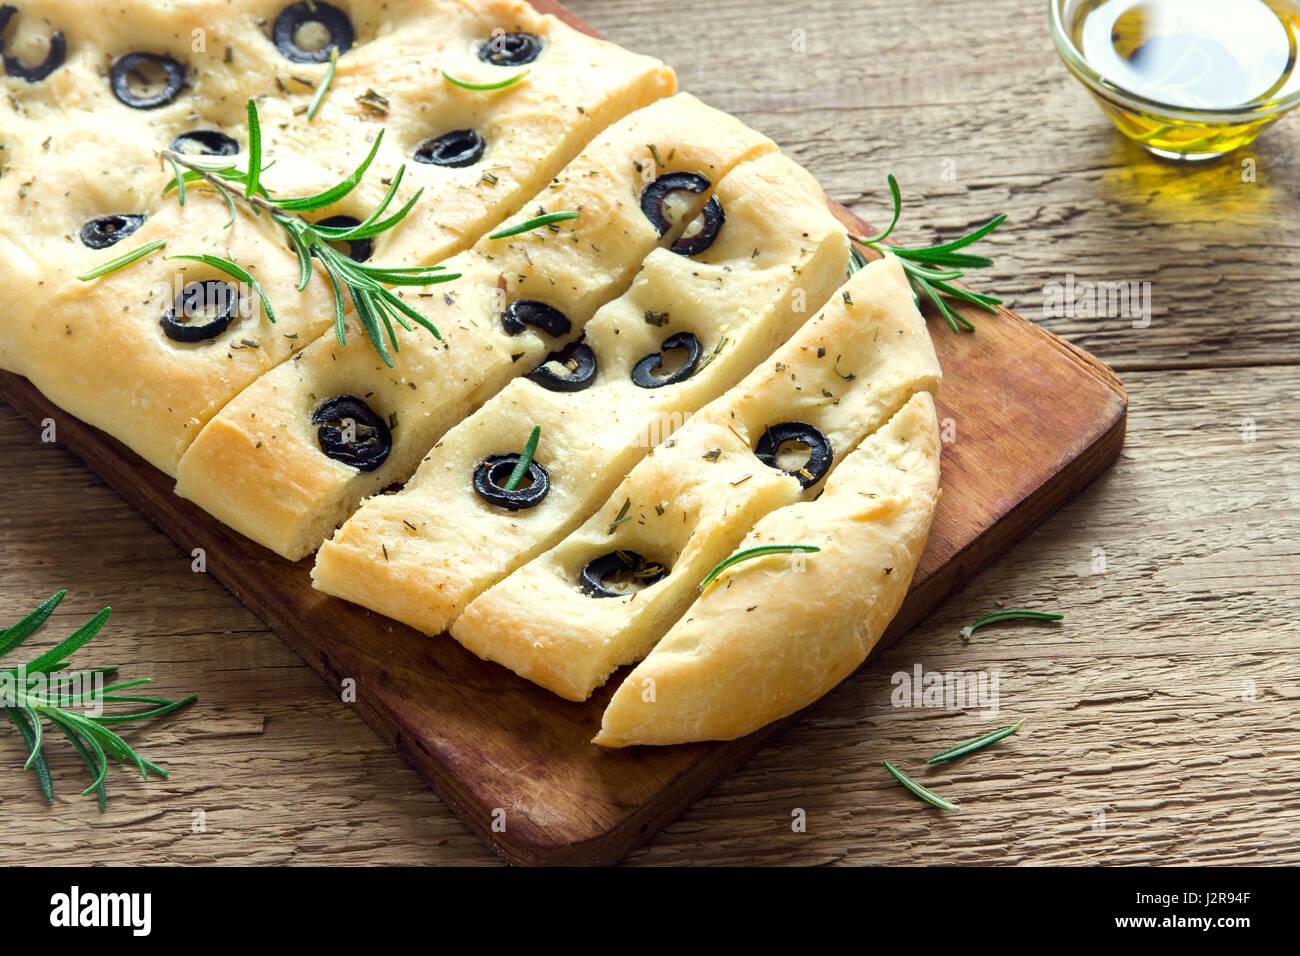 Focaccia italienne traditionnelle, aux olives noires et romarin - focaccia pain plat fait maison Photo Stock